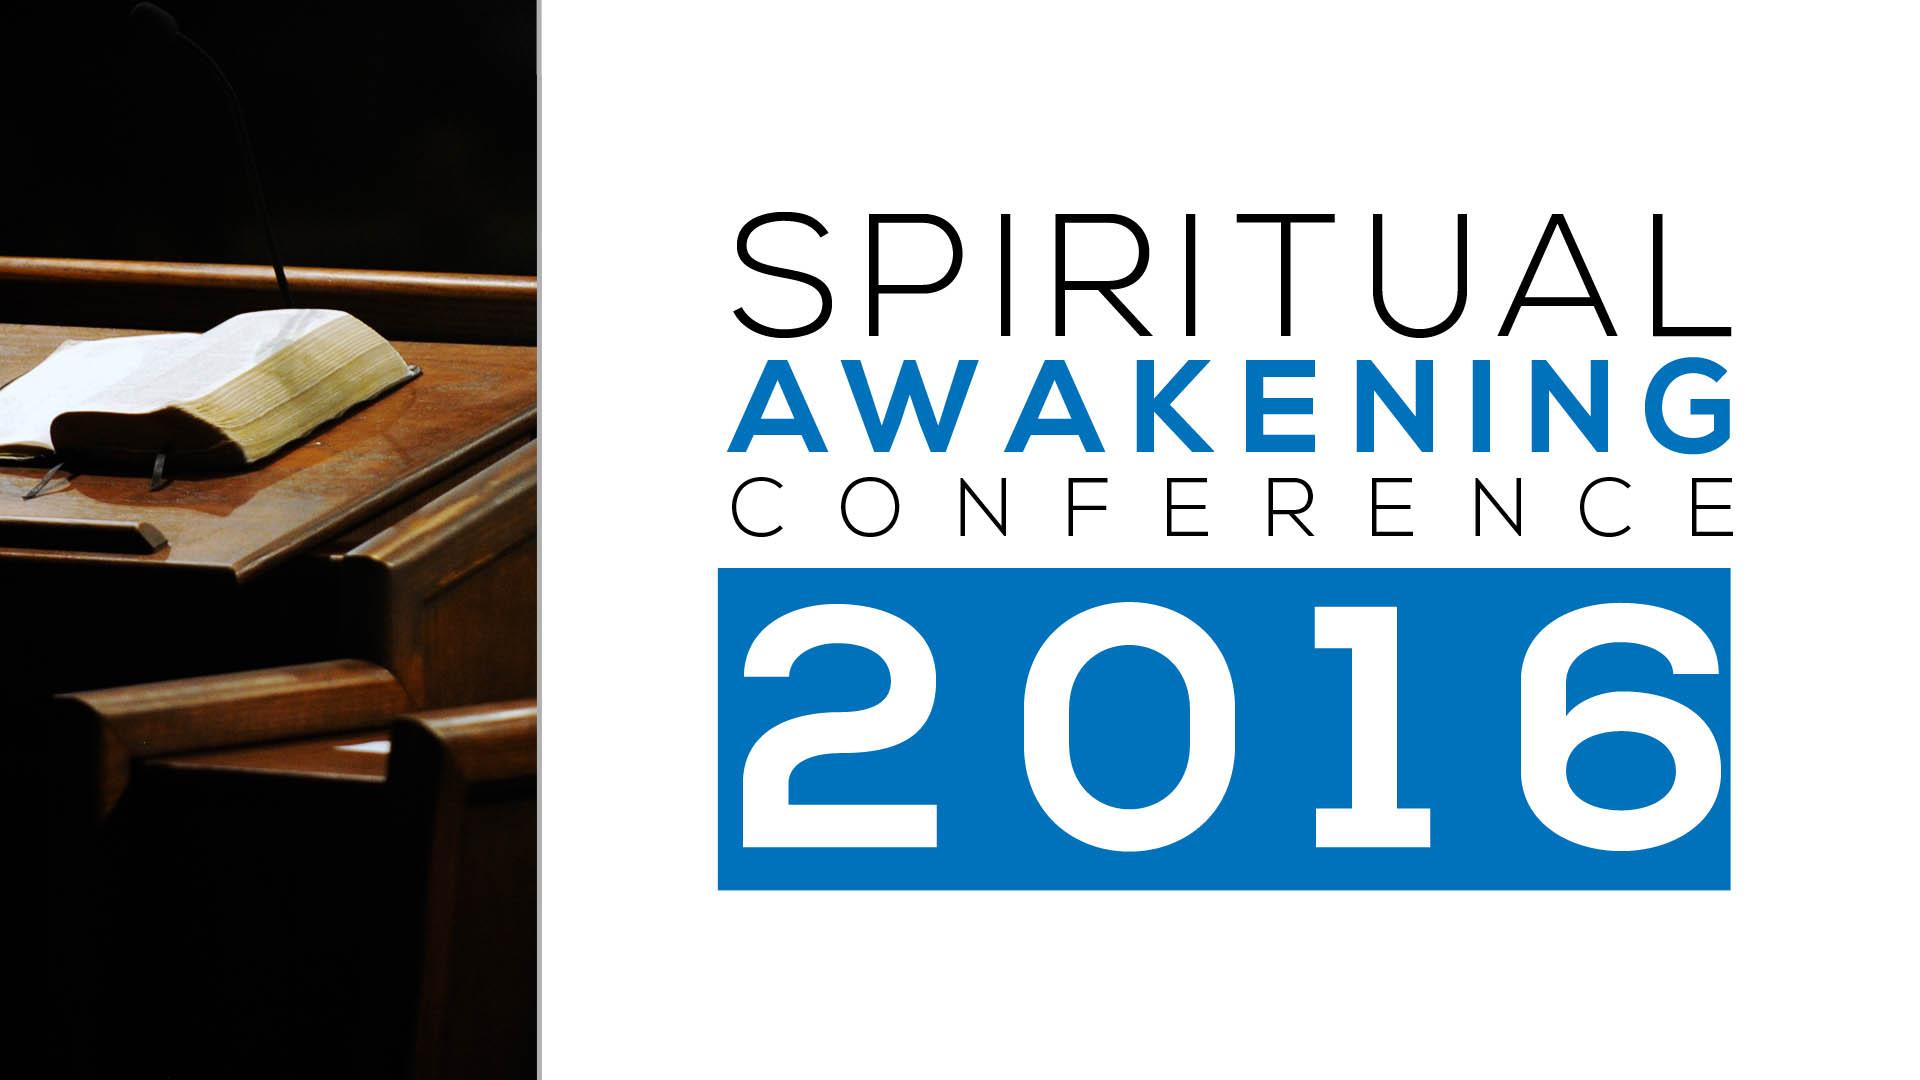 Spiritual Awakening Conference 2016